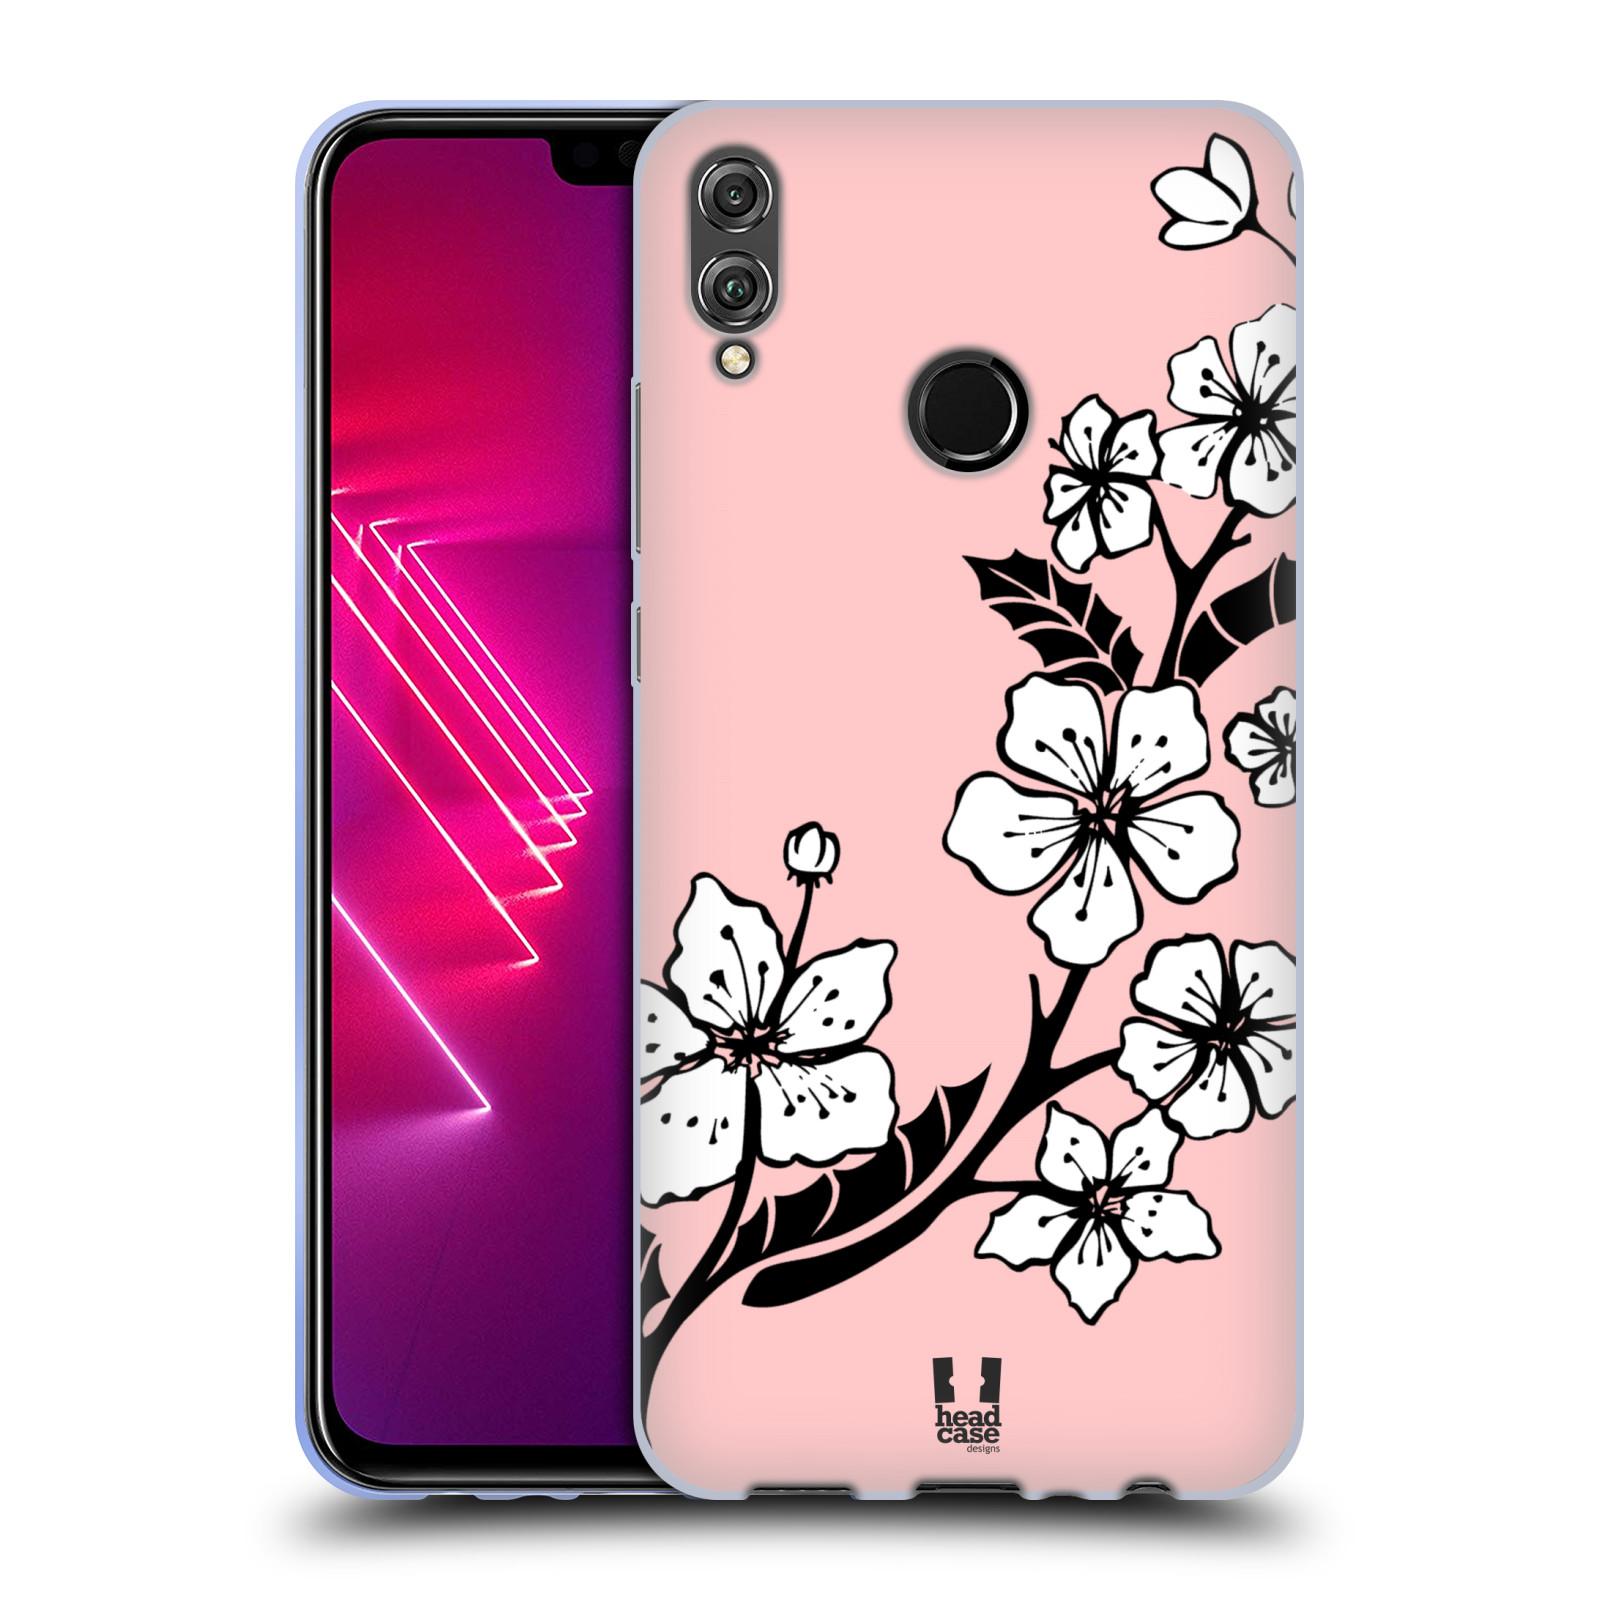 Silikonové pouzdro na mobil Honor View 10 Lite - Head Case - BLOSSOMS VINE